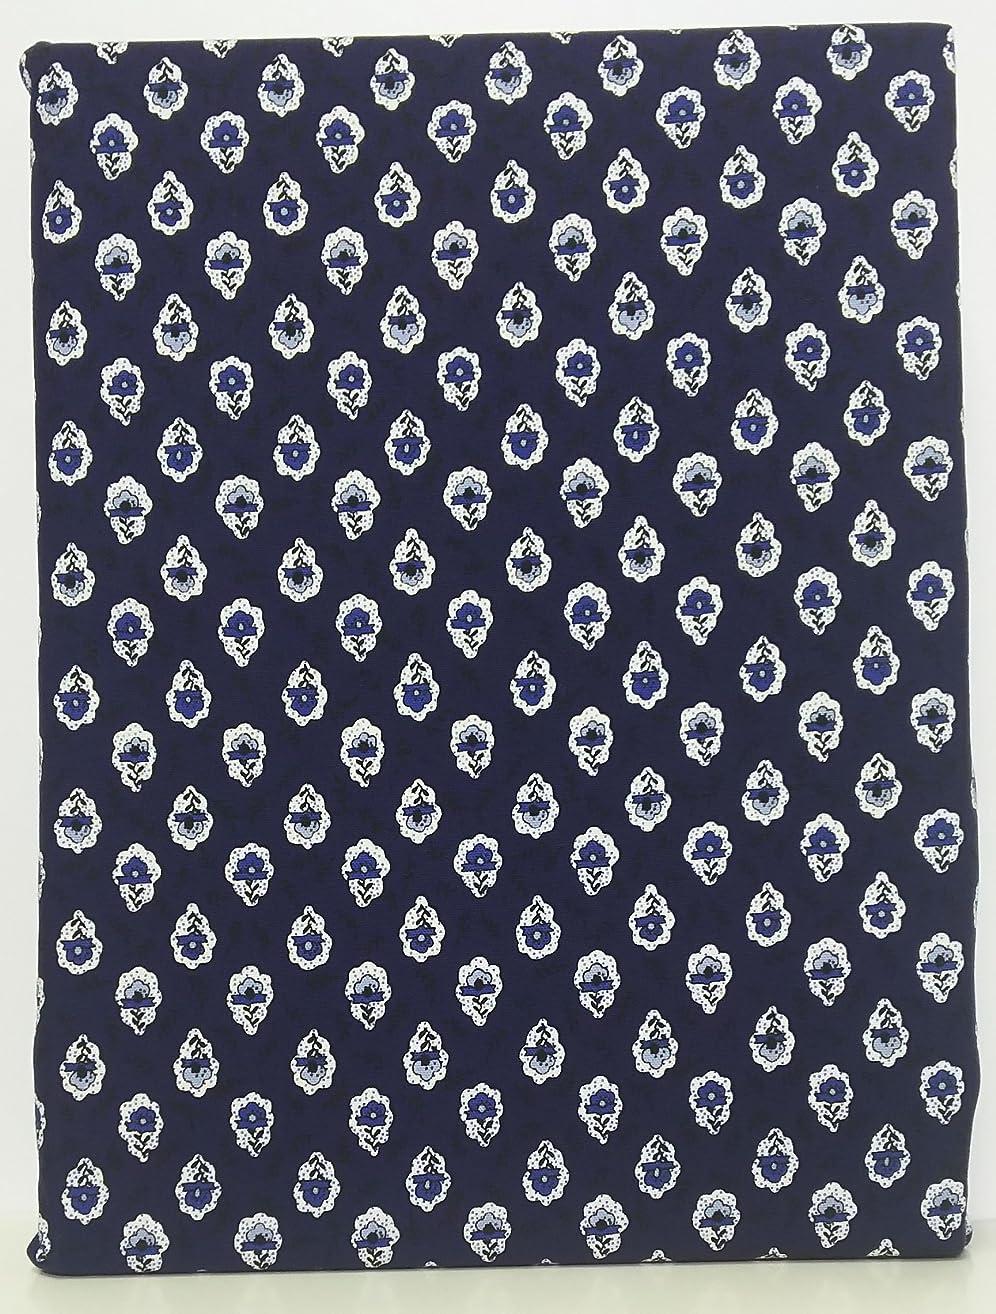 事実上前提条件雇用掛布団カバー ????? 150×210cm FABRIC'Sファブリックス 日本製 コットン100% 北欧 南仏 プロバンス紺